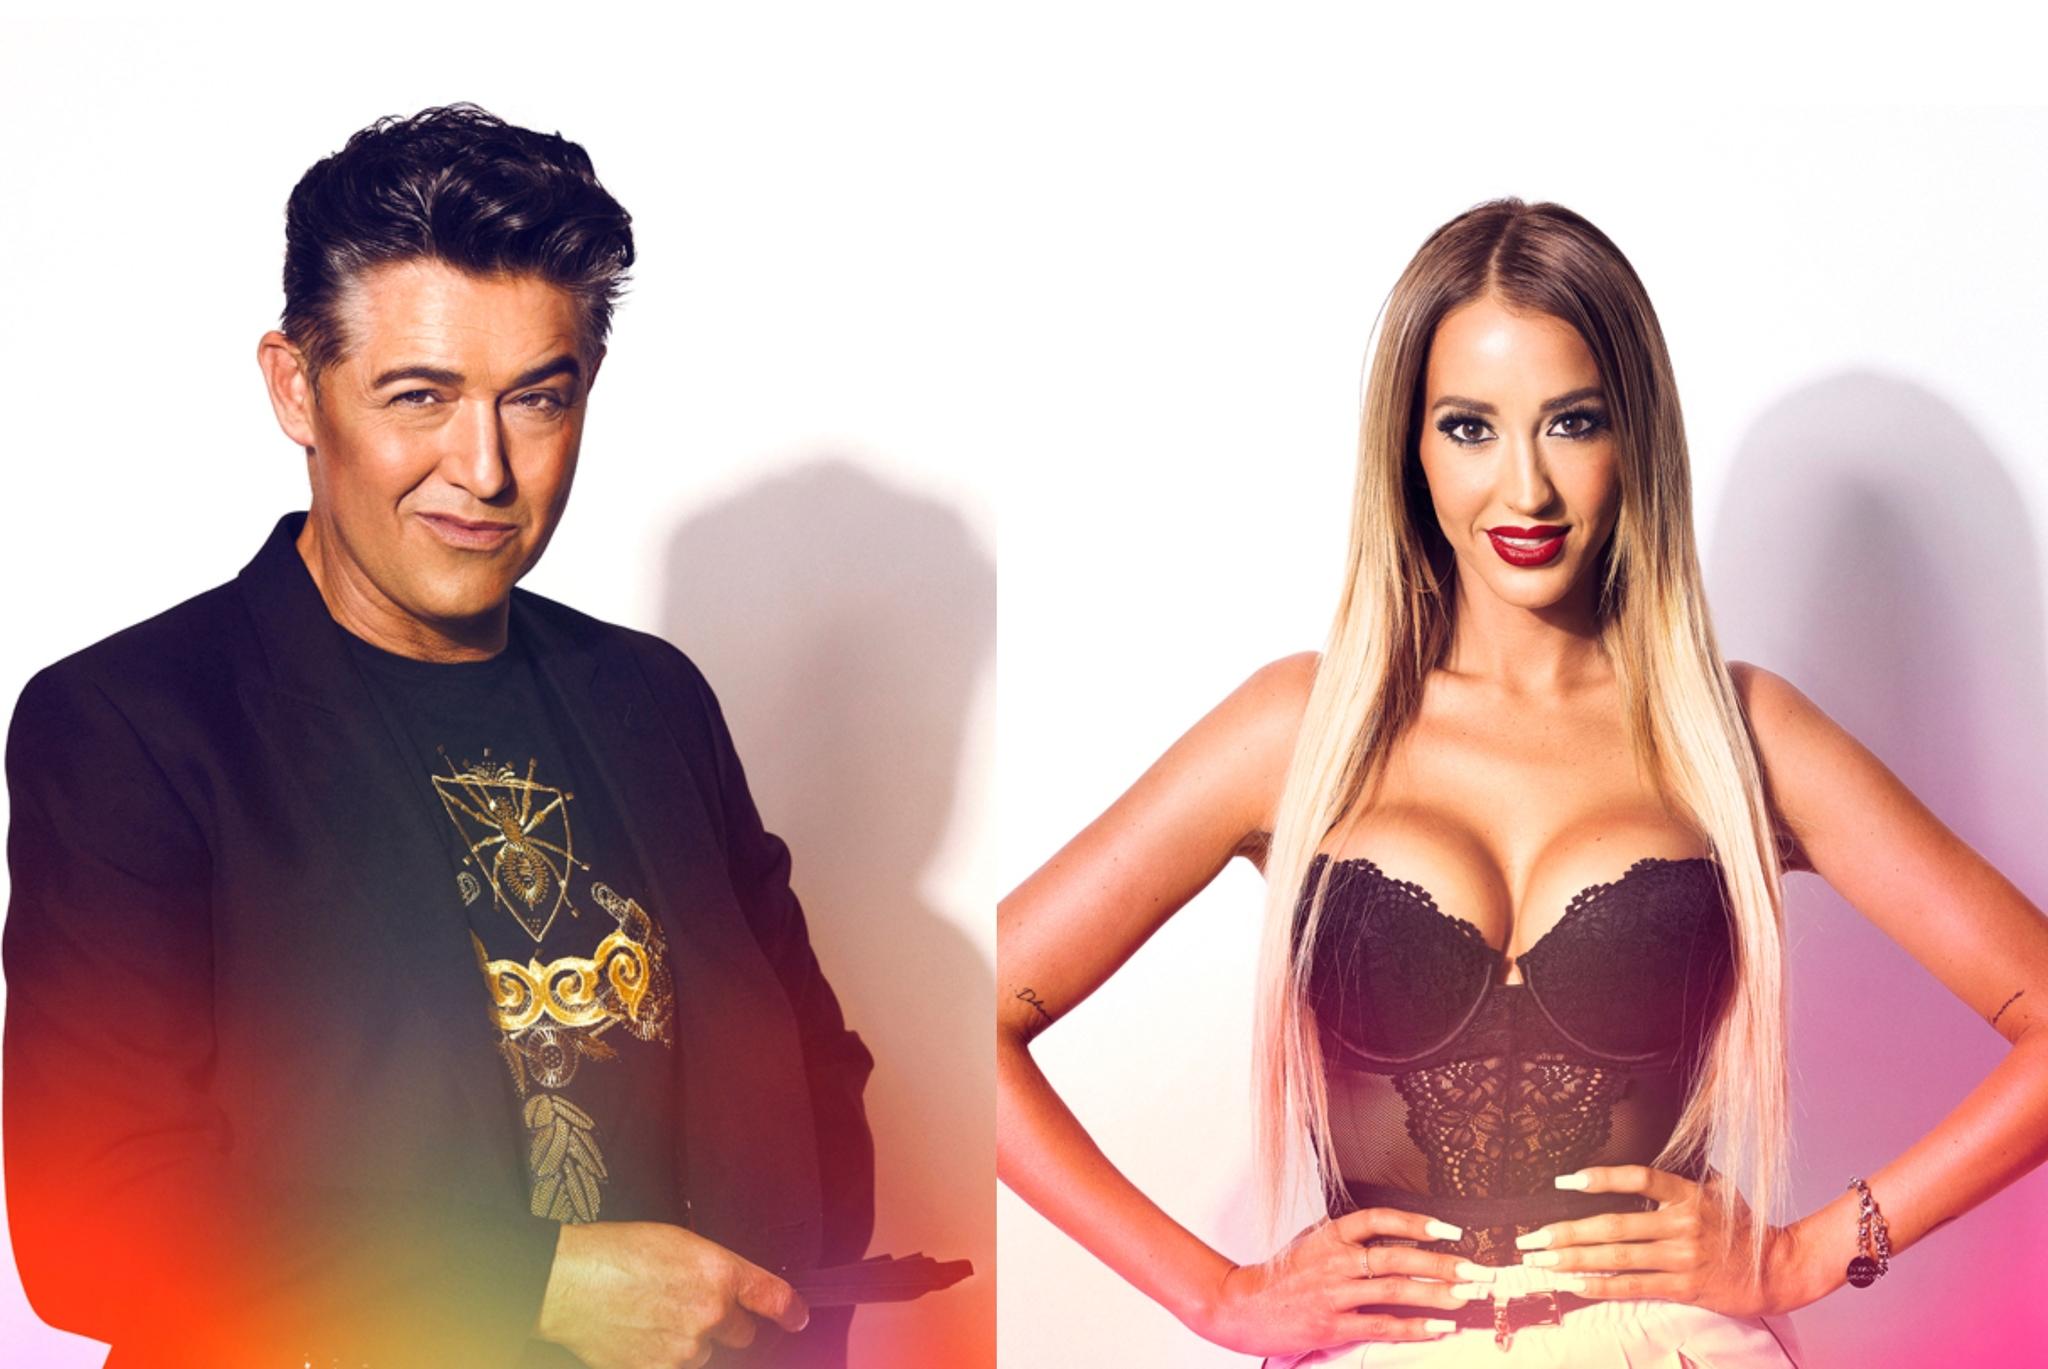 El humorista Ángel Garó y Aurah Ruiz, concursantes de Gran Hermano...